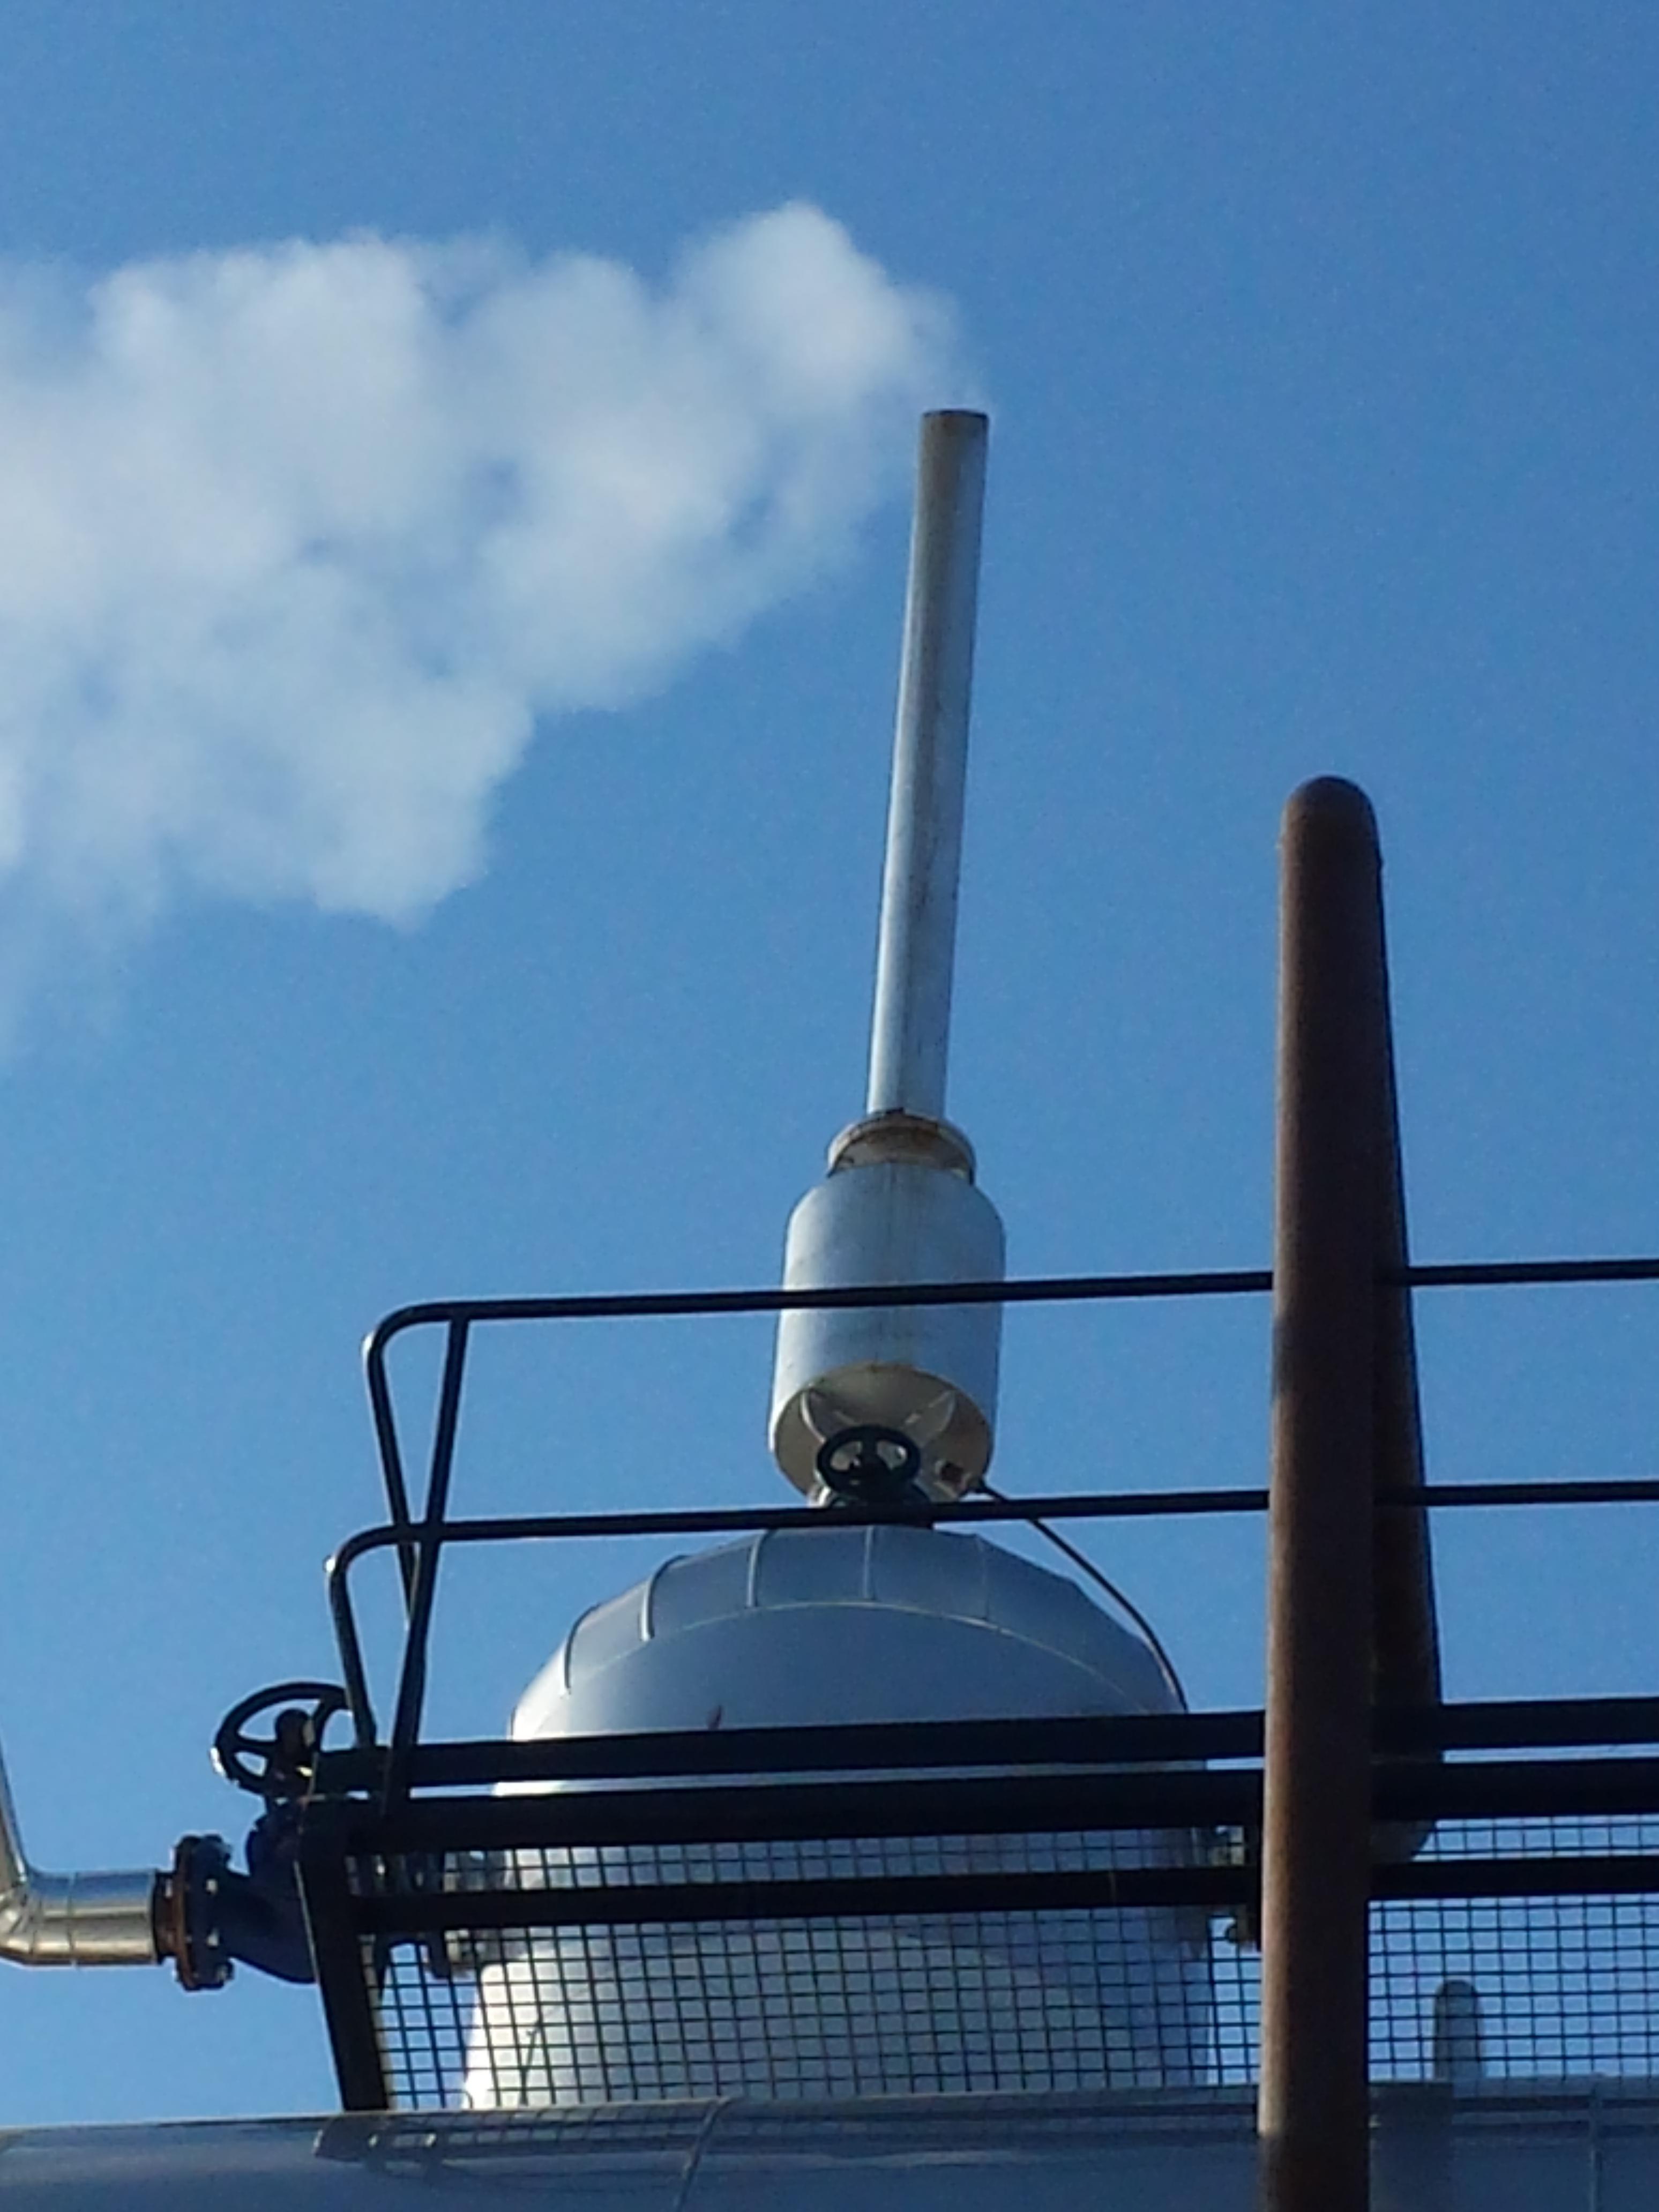 Calderas de vapor desgasificador DGV Calderería López Hermanos, S.A. Valencia